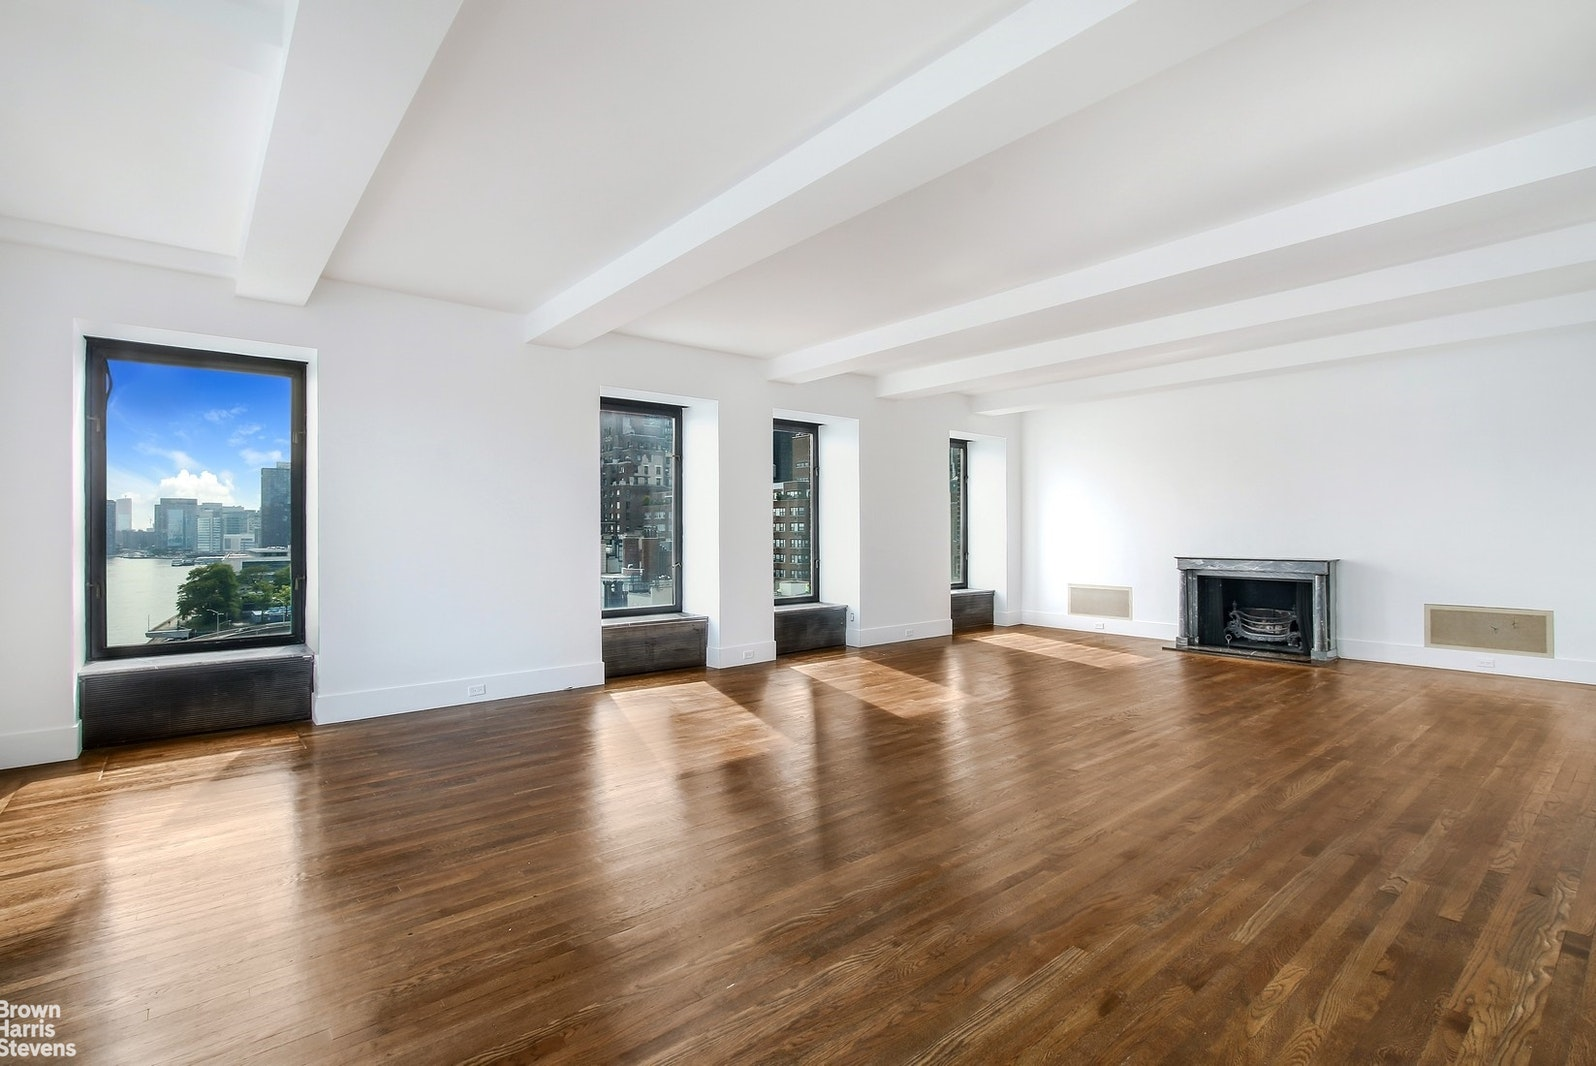 450 EAST 52ND STREET 9THFLOOR, Midtown East, $3,500,000, Web #: 20493749